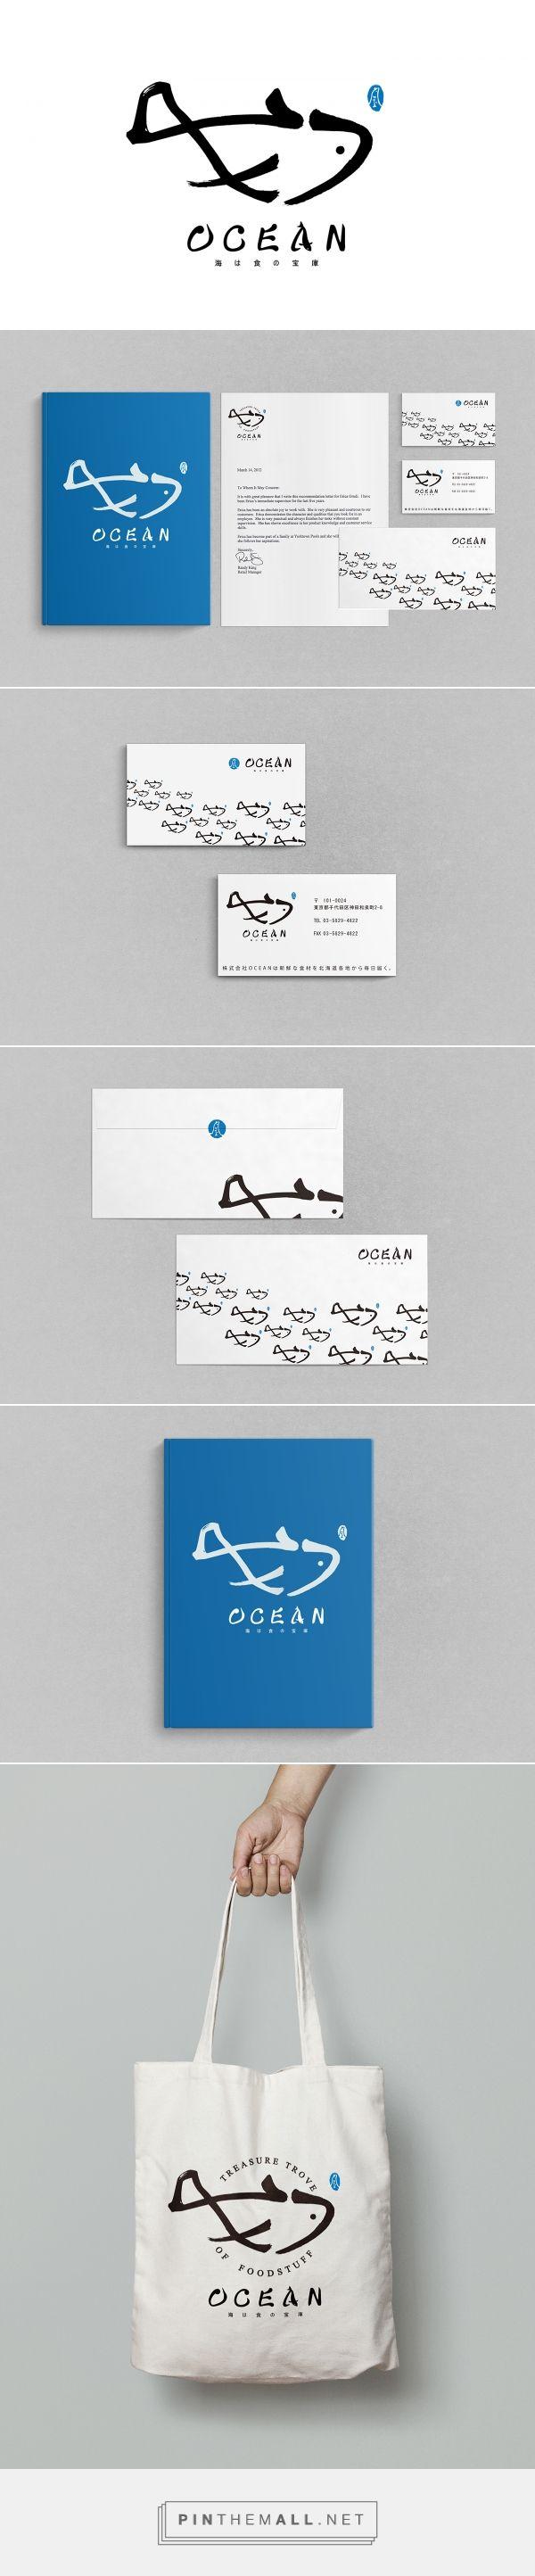 OCEAN Branding on Behance   Fivestar Branding – Design and Branding Agency & Inspiration Gallery